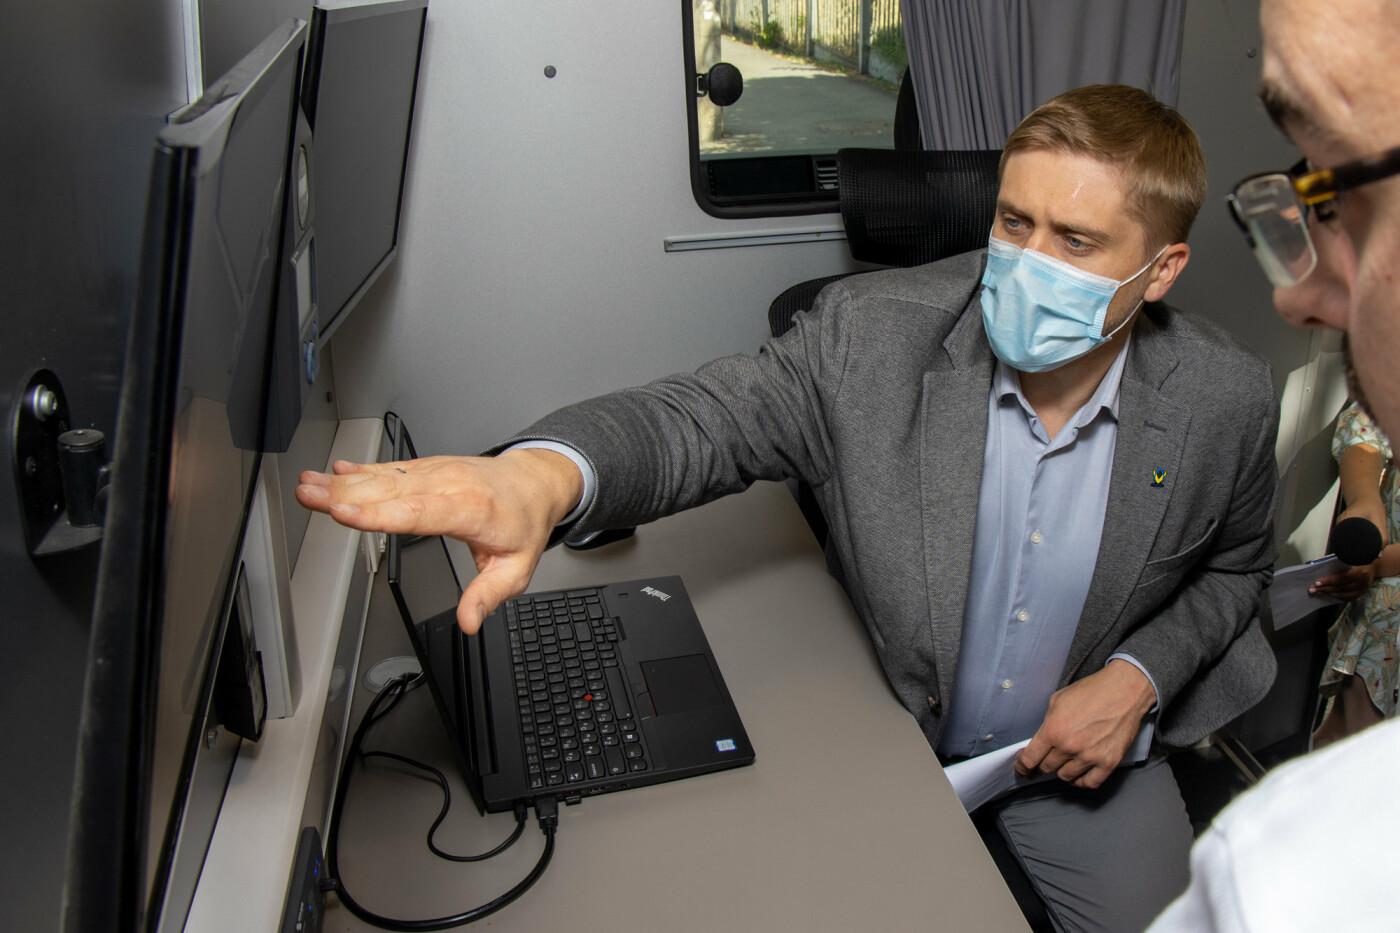 В Кривом Роге побывает мобильная станция мониторинга воздуха «Эол-1», аналогов которой нет в Украине, - ФОТО, фото-7